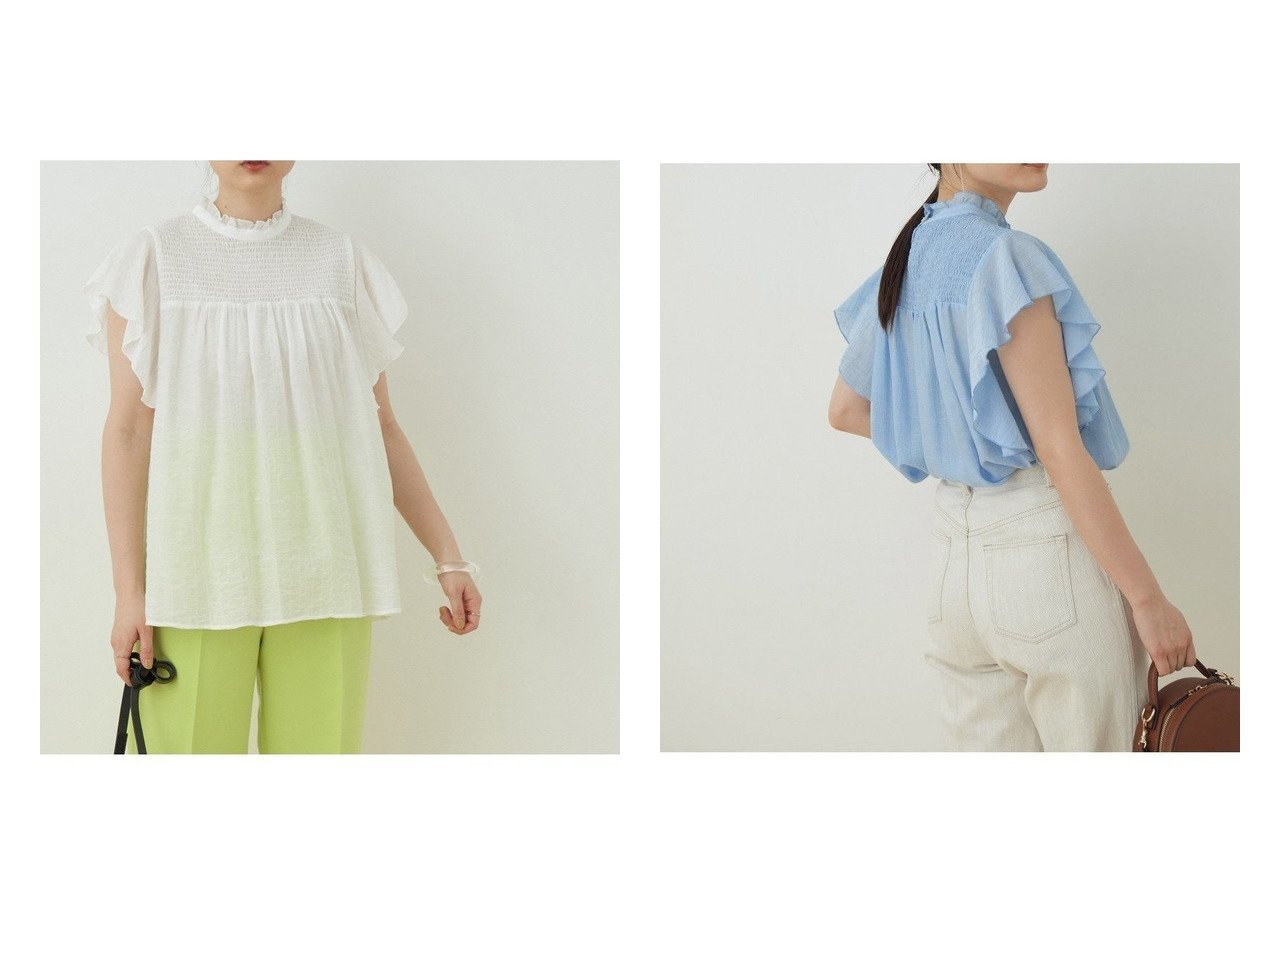 【ADAM ET ROPE'/アダム エ ロペ】の【WEB限定】シアーフリルスリーブシャーリングシャツ 別注・限定・コラボなど、おすすめ!人気トレンド・レディースファッション通販 おすすめで人気の流行・トレンド、ファッションの通販商品 インテリア・家具・メンズファッション・キッズファッション・レディースファッション・服の通販 founy(ファニー) https://founy.com/ ファッション Fashion レディースファッション WOMEN トップス・カットソー Tops/Tshirt シャツ/ブラウス Shirts/Blouses 春 Spring 今季 シアー シャーリング トレンド フリル ボトム ポケット ヨーク 2021年 2021 S/S・春夏 SS・Spring/Summer 2021春夏・S/S SS/Spring/Summer/2021 NEW・新作・新着・新入荷 New Arrivals おすすめ Recommend |ID:crp329100000043913